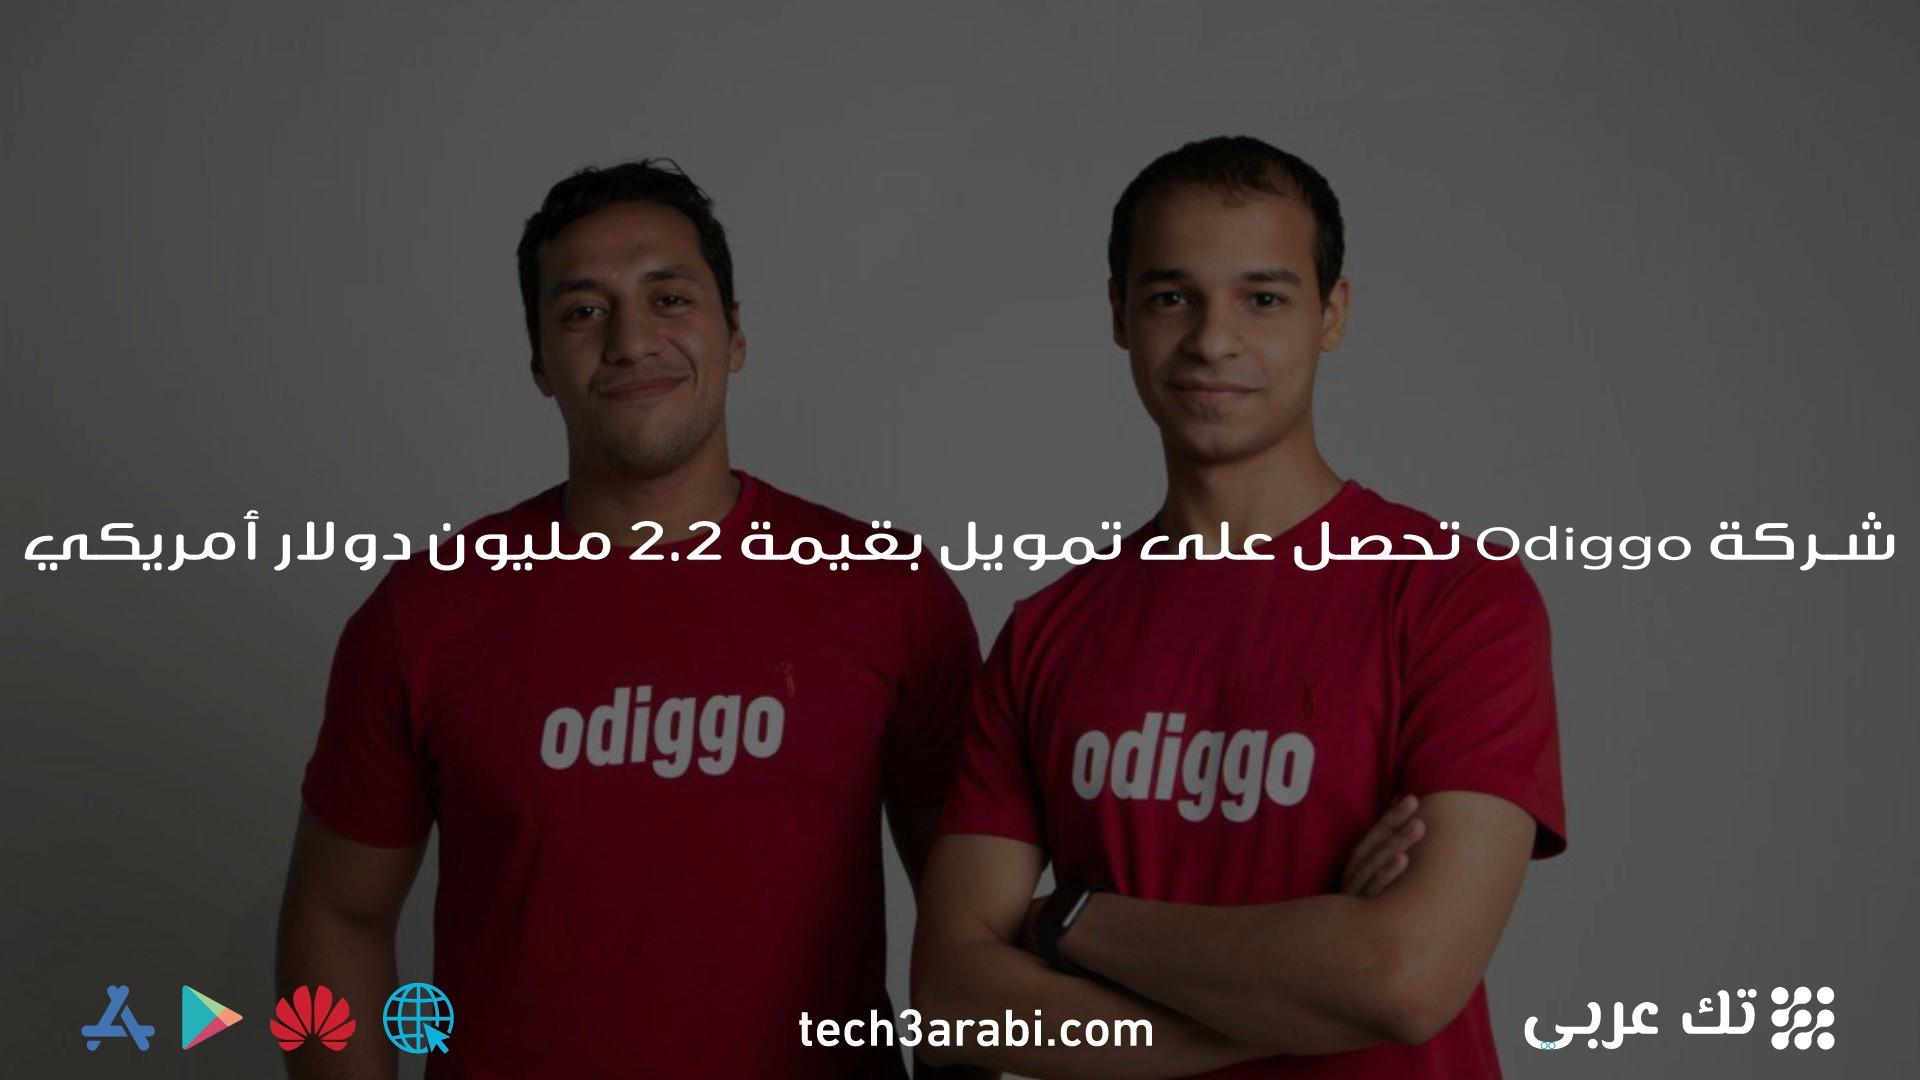 شركة Odiggo تحصل على تمويل بقيمة 2.2 مليون دولار